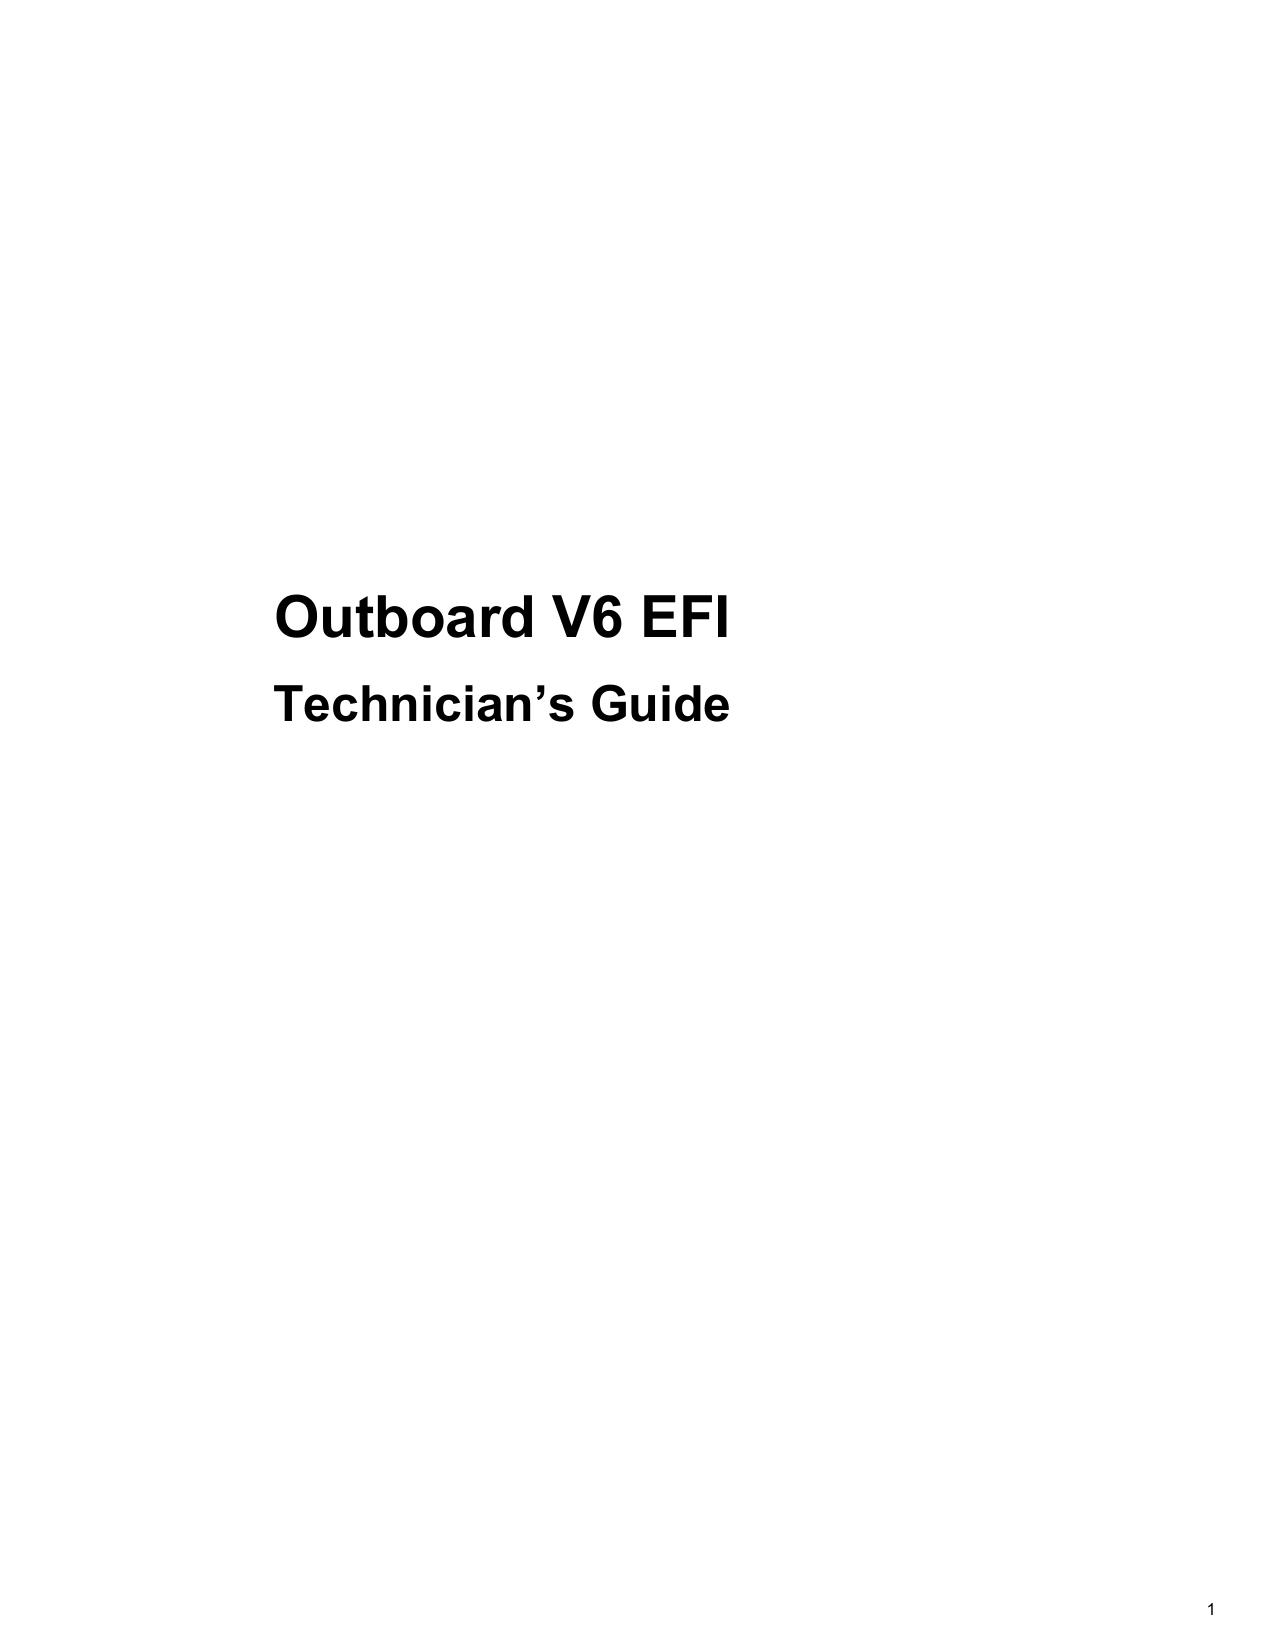 Outboard V6 EFI on